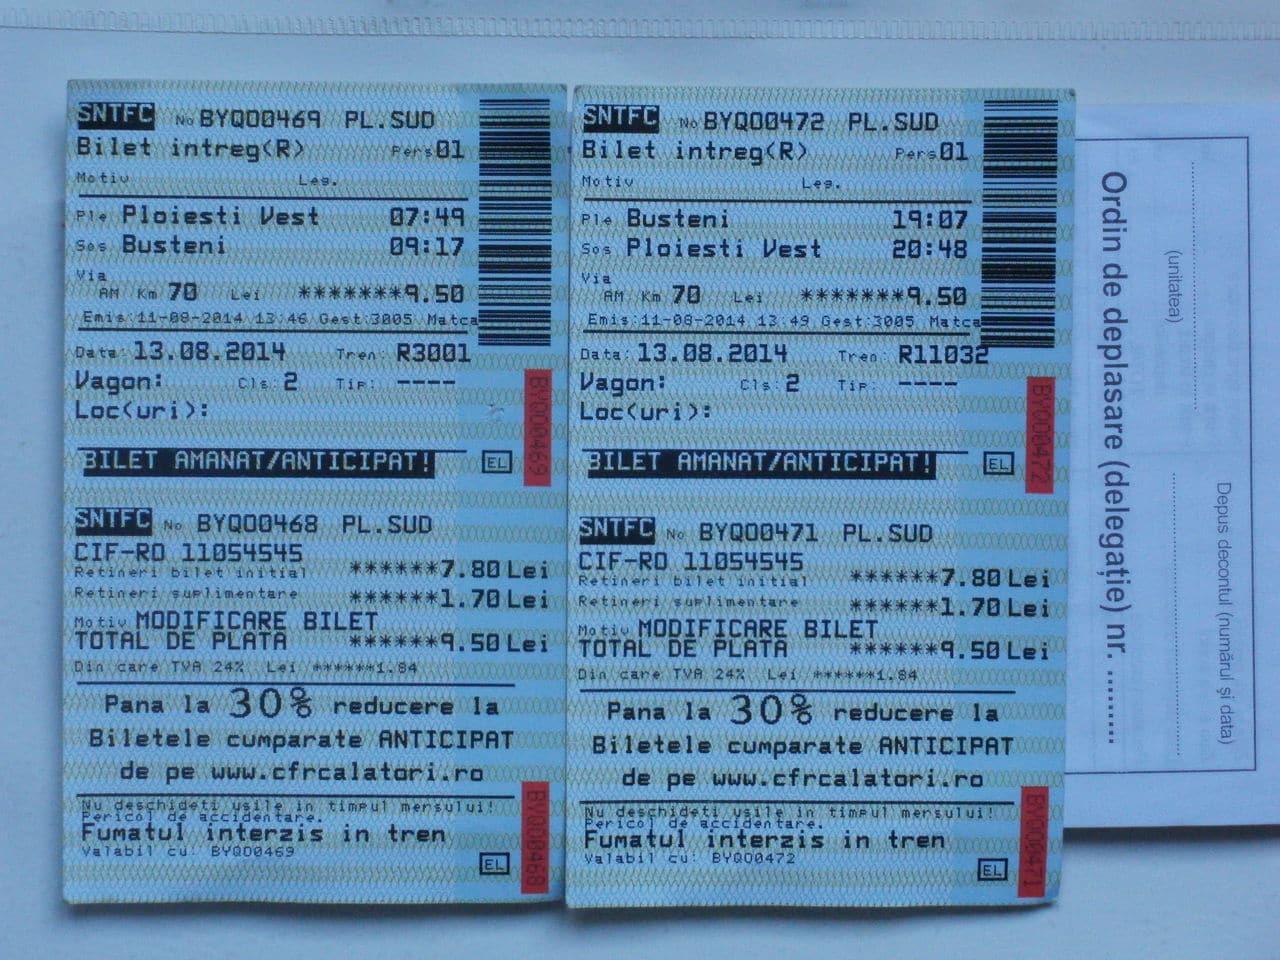 Bilete C.F.R. (2) P8190804